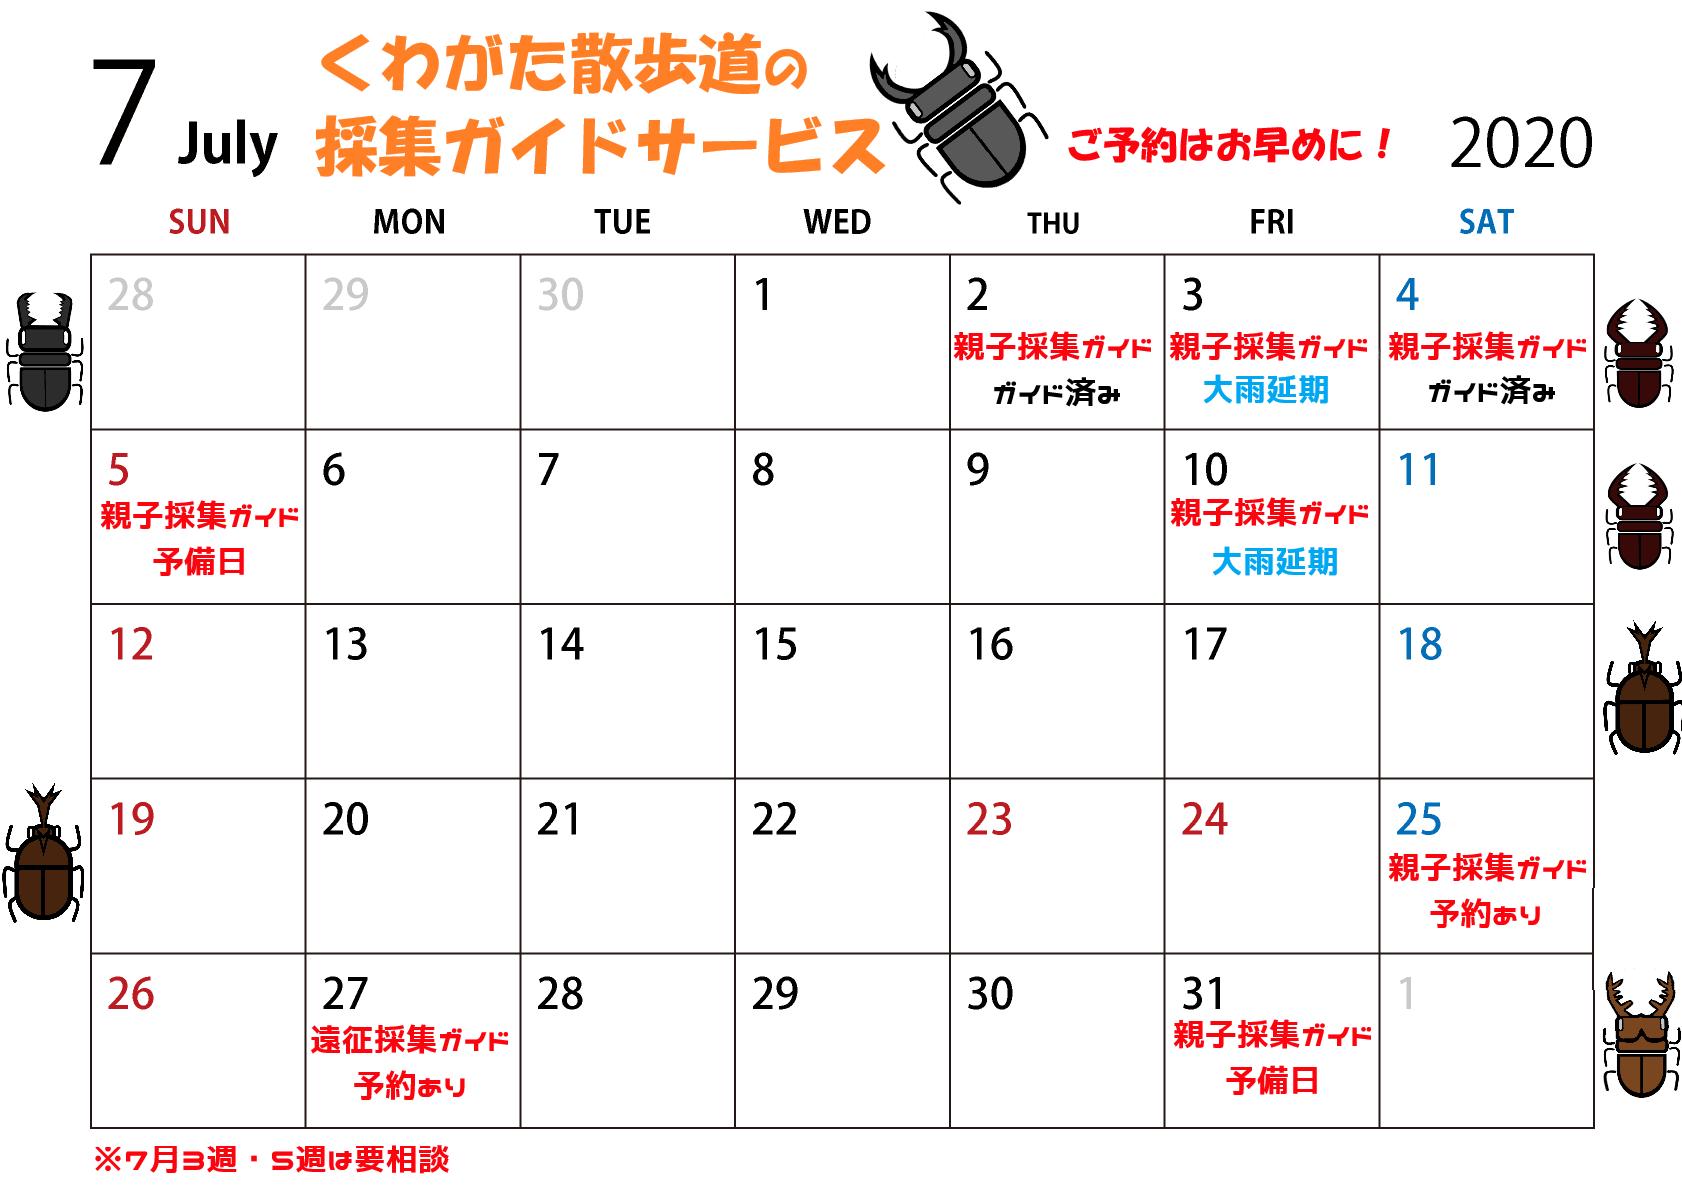 洞マニアな親子採集ガイド!東京都G様2日連続、でっかいヒラタクワガタを採る!_f0183484_02584937.png